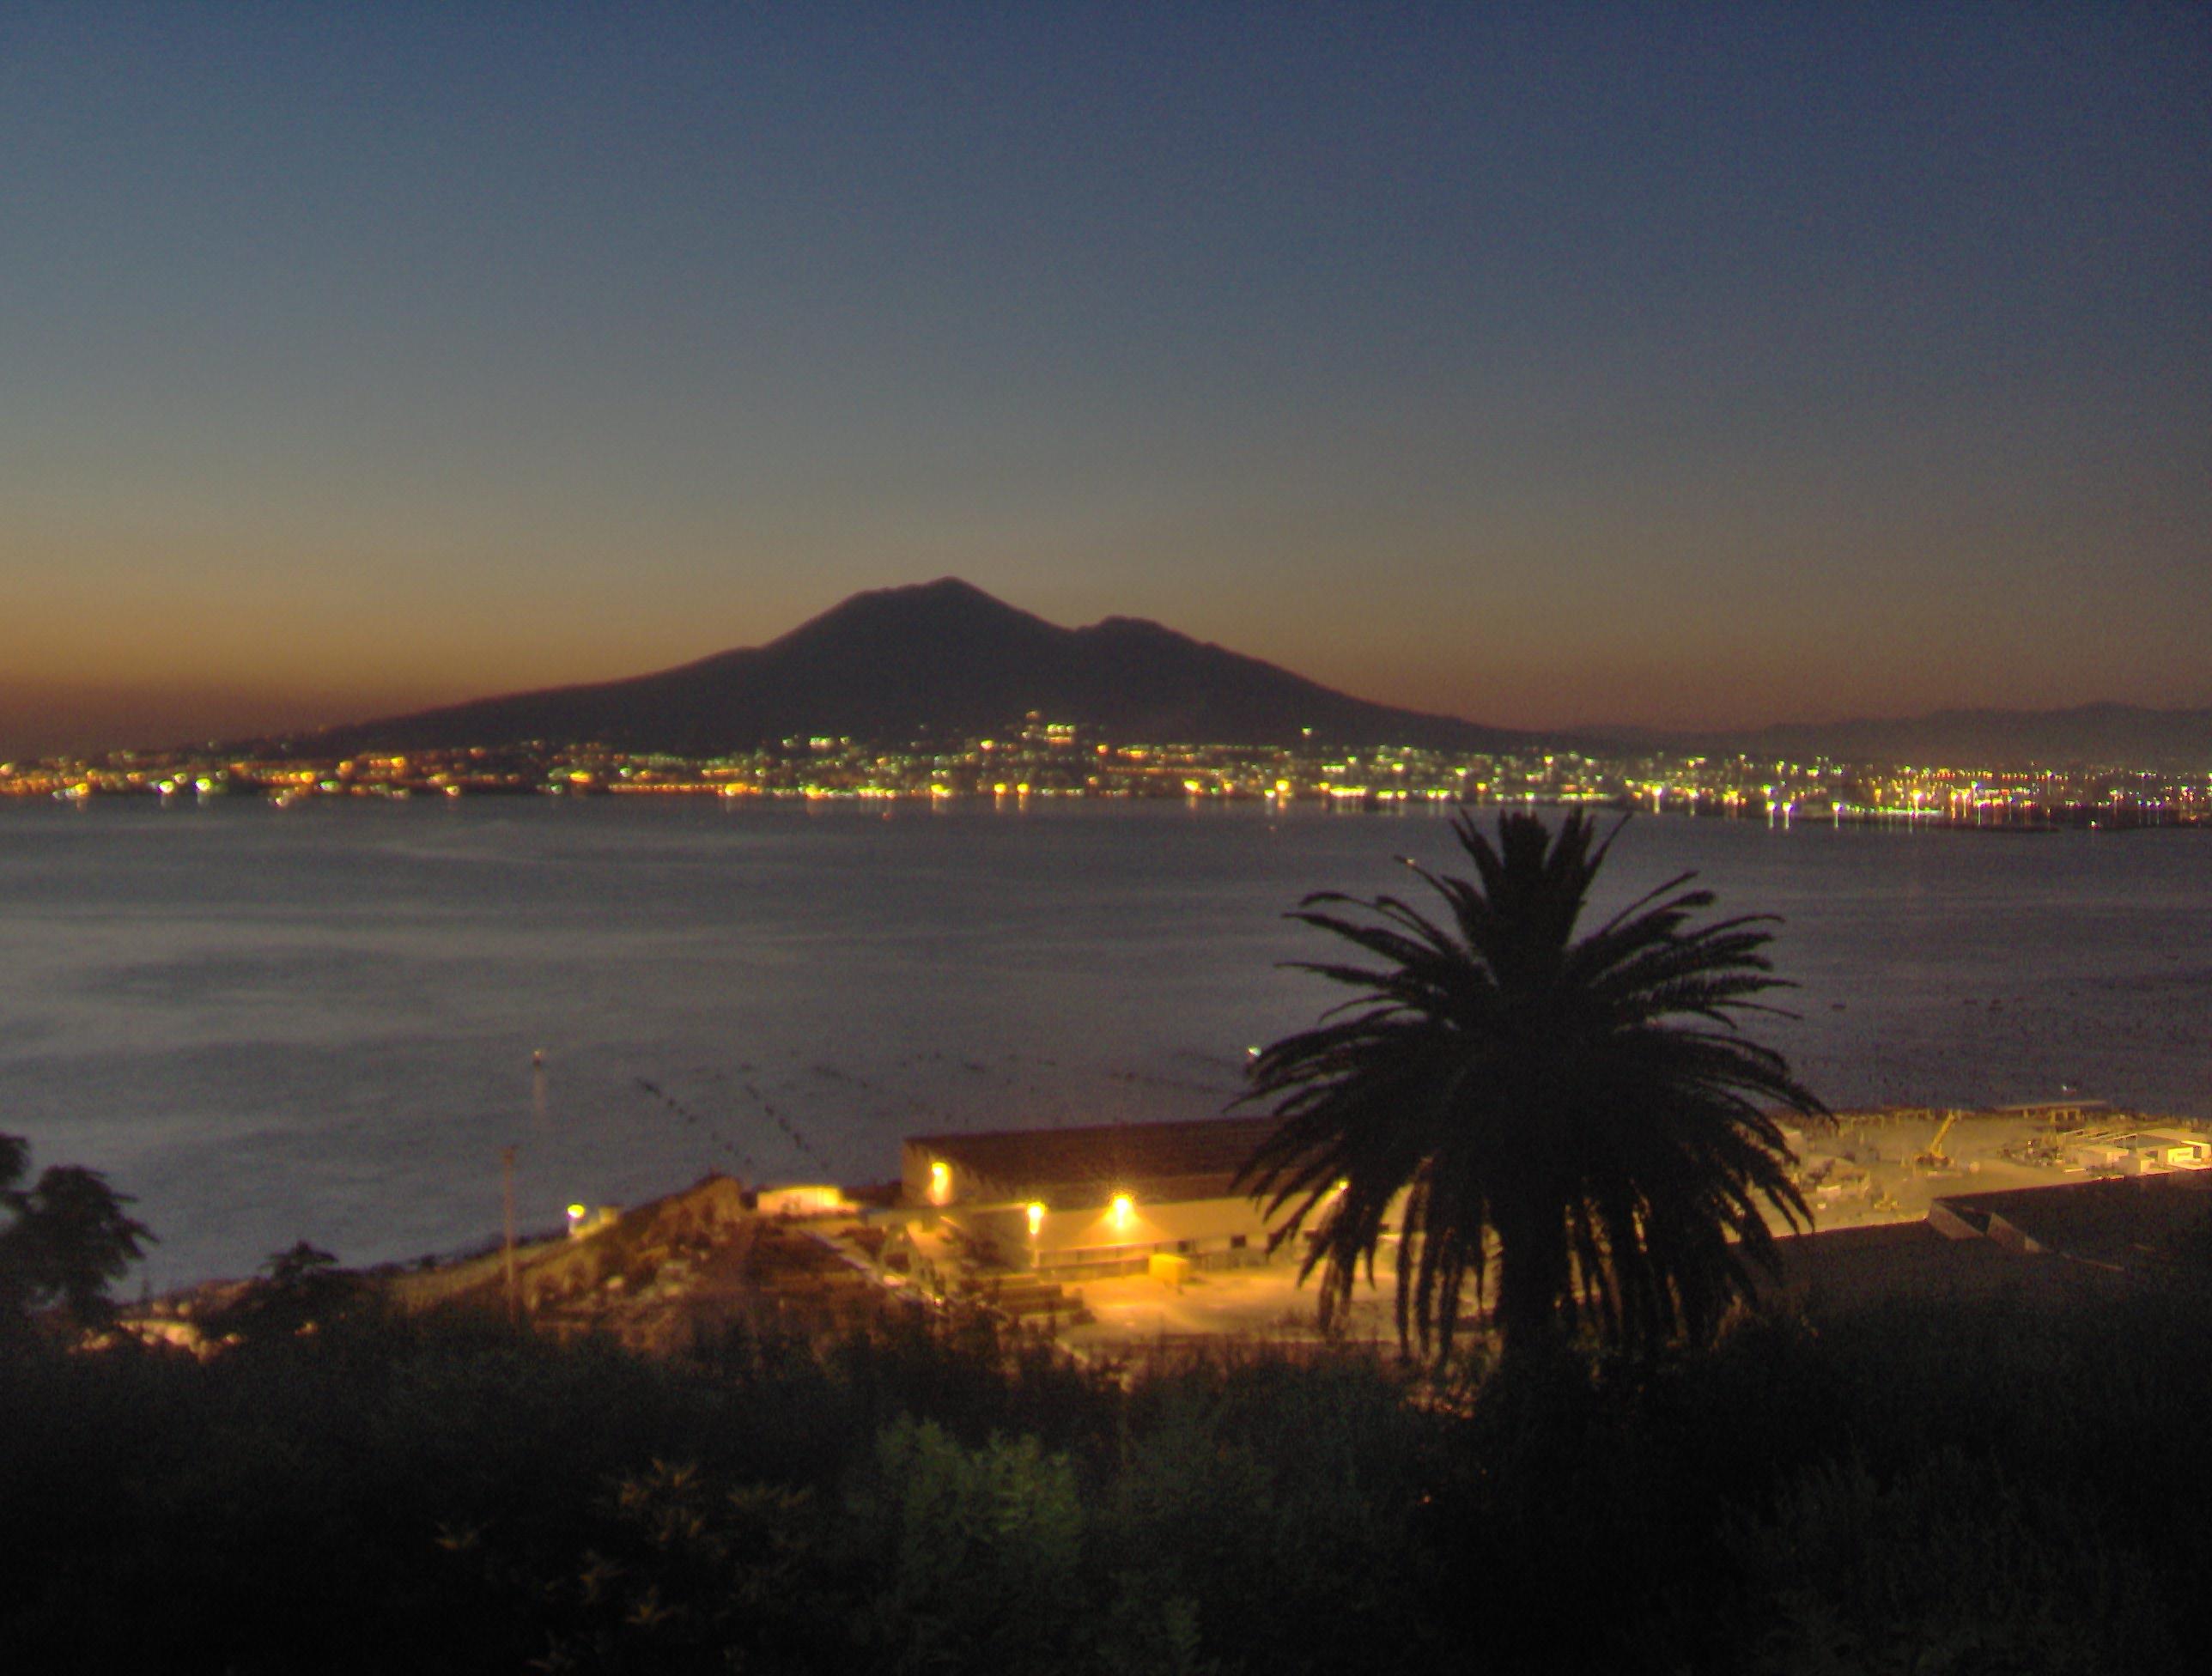 Mt Vesuvius on fire